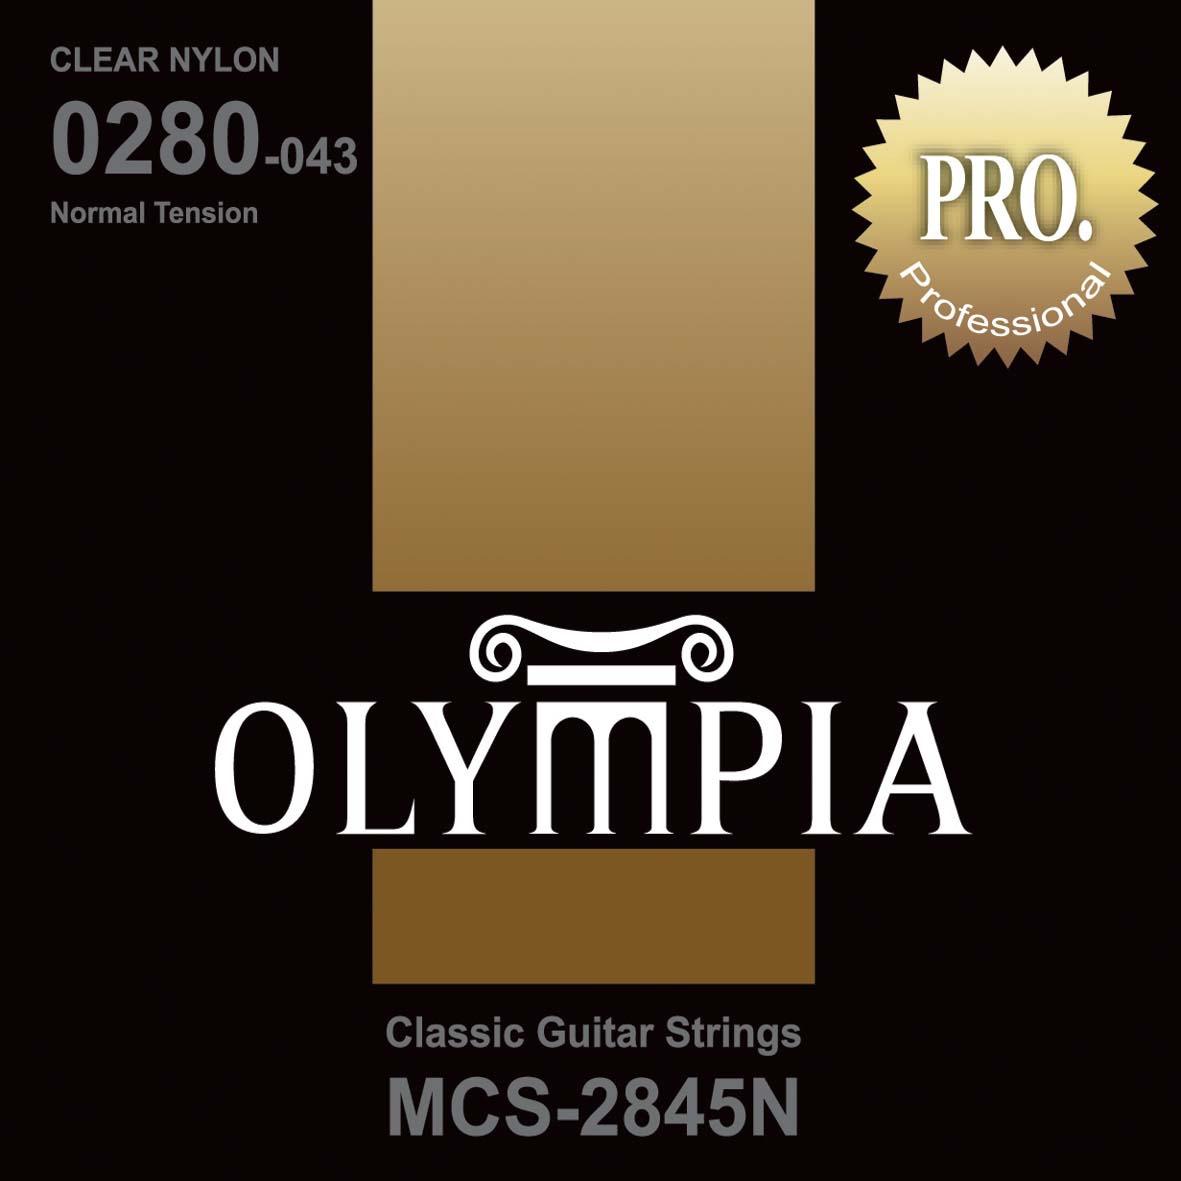 Струны для классической гитары Olympia (28-32-40-29w-35-43), MCS2845N